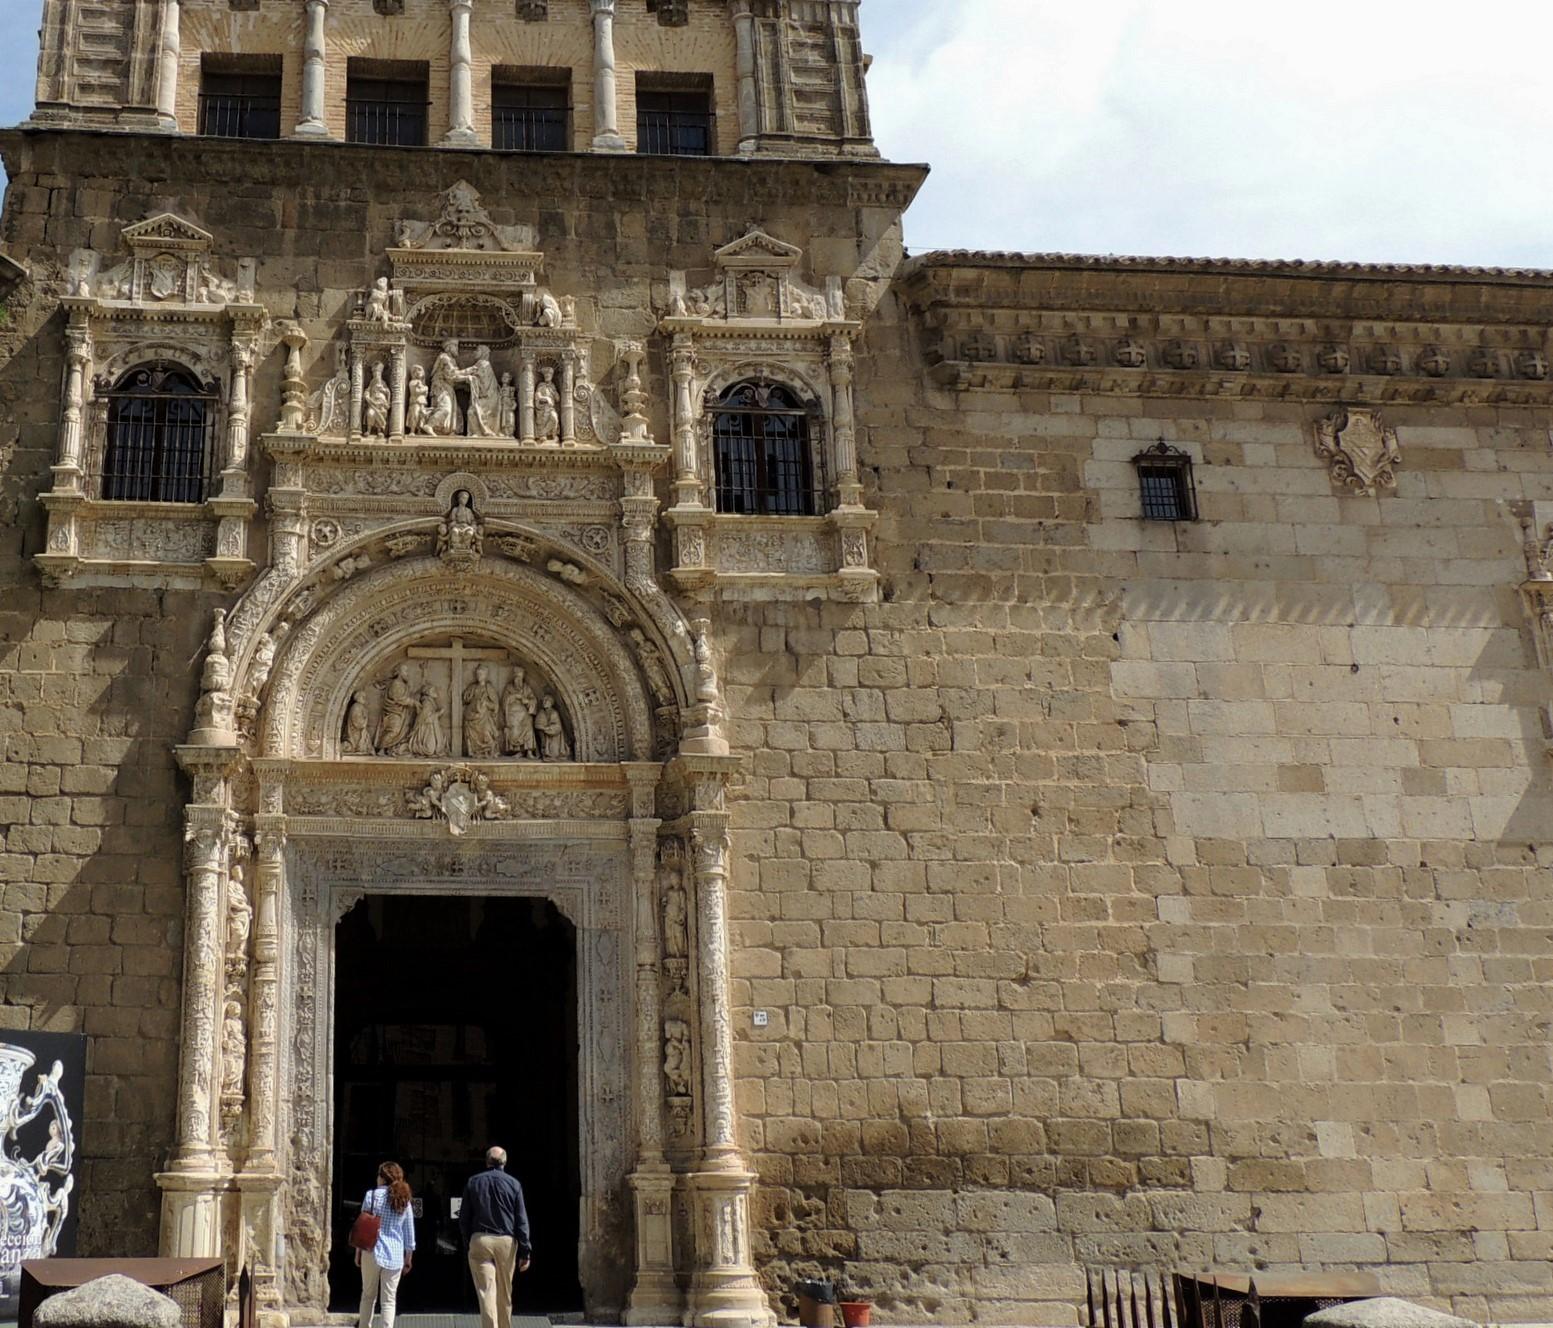 Museum Santa Cruz in Toledo